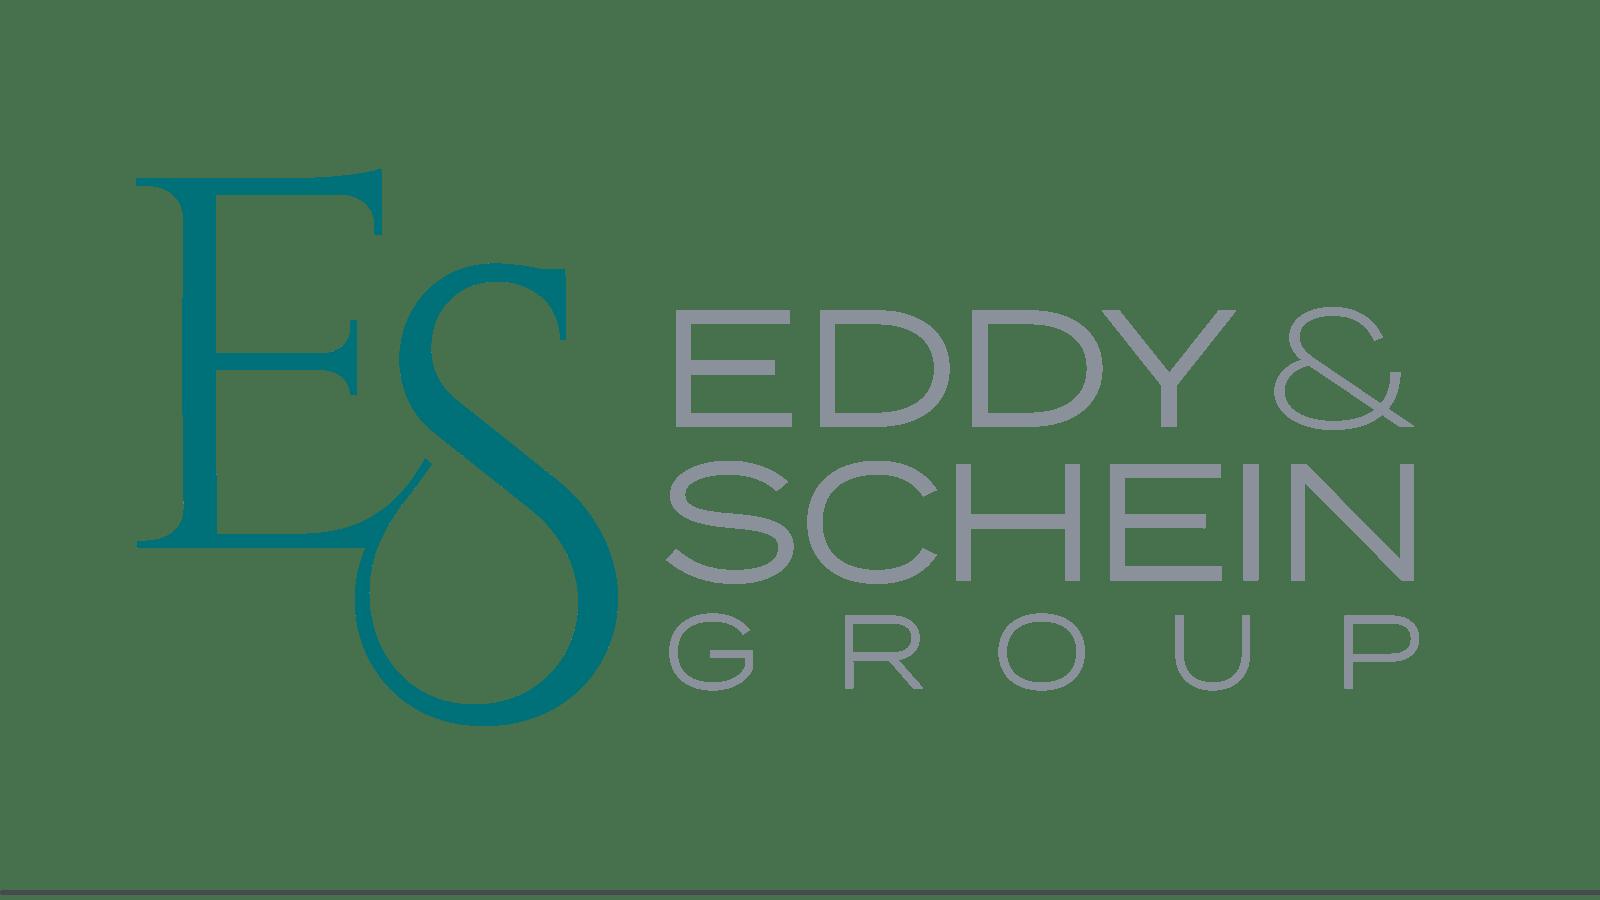 Eddy & Schein Group logo